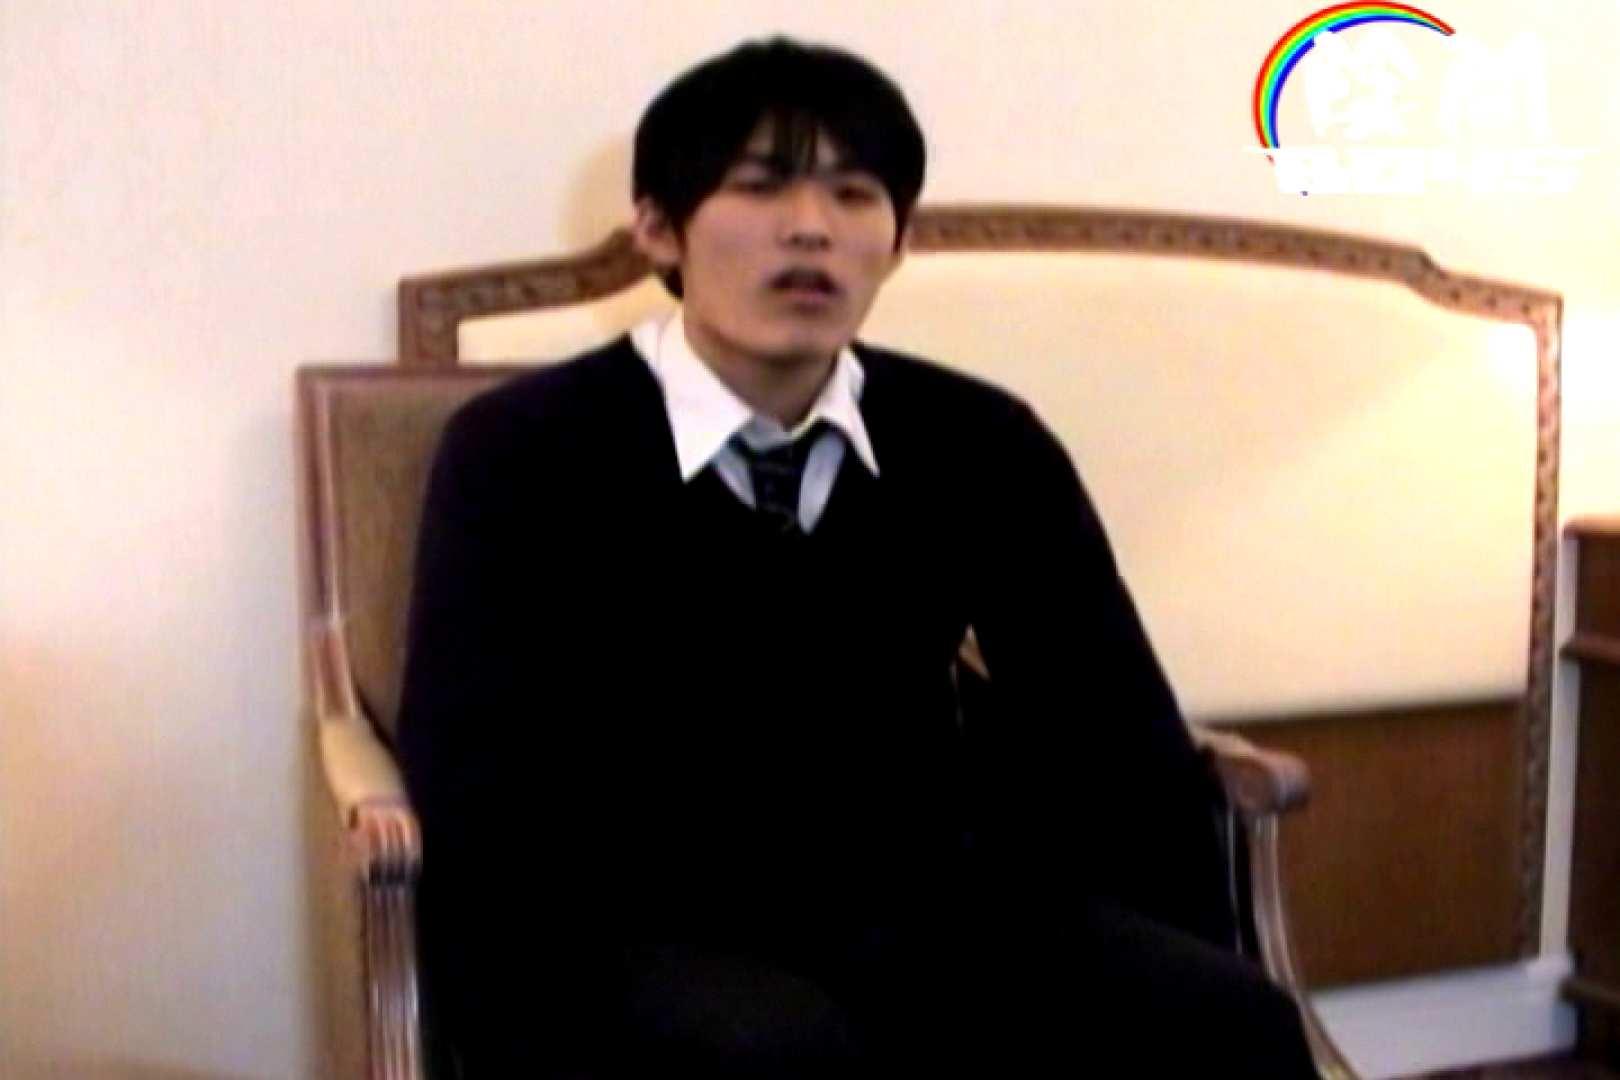 陰間BOYS~かずやの親子日記1~01 ゲイイメージ ゲイエロ動画 51pic 4